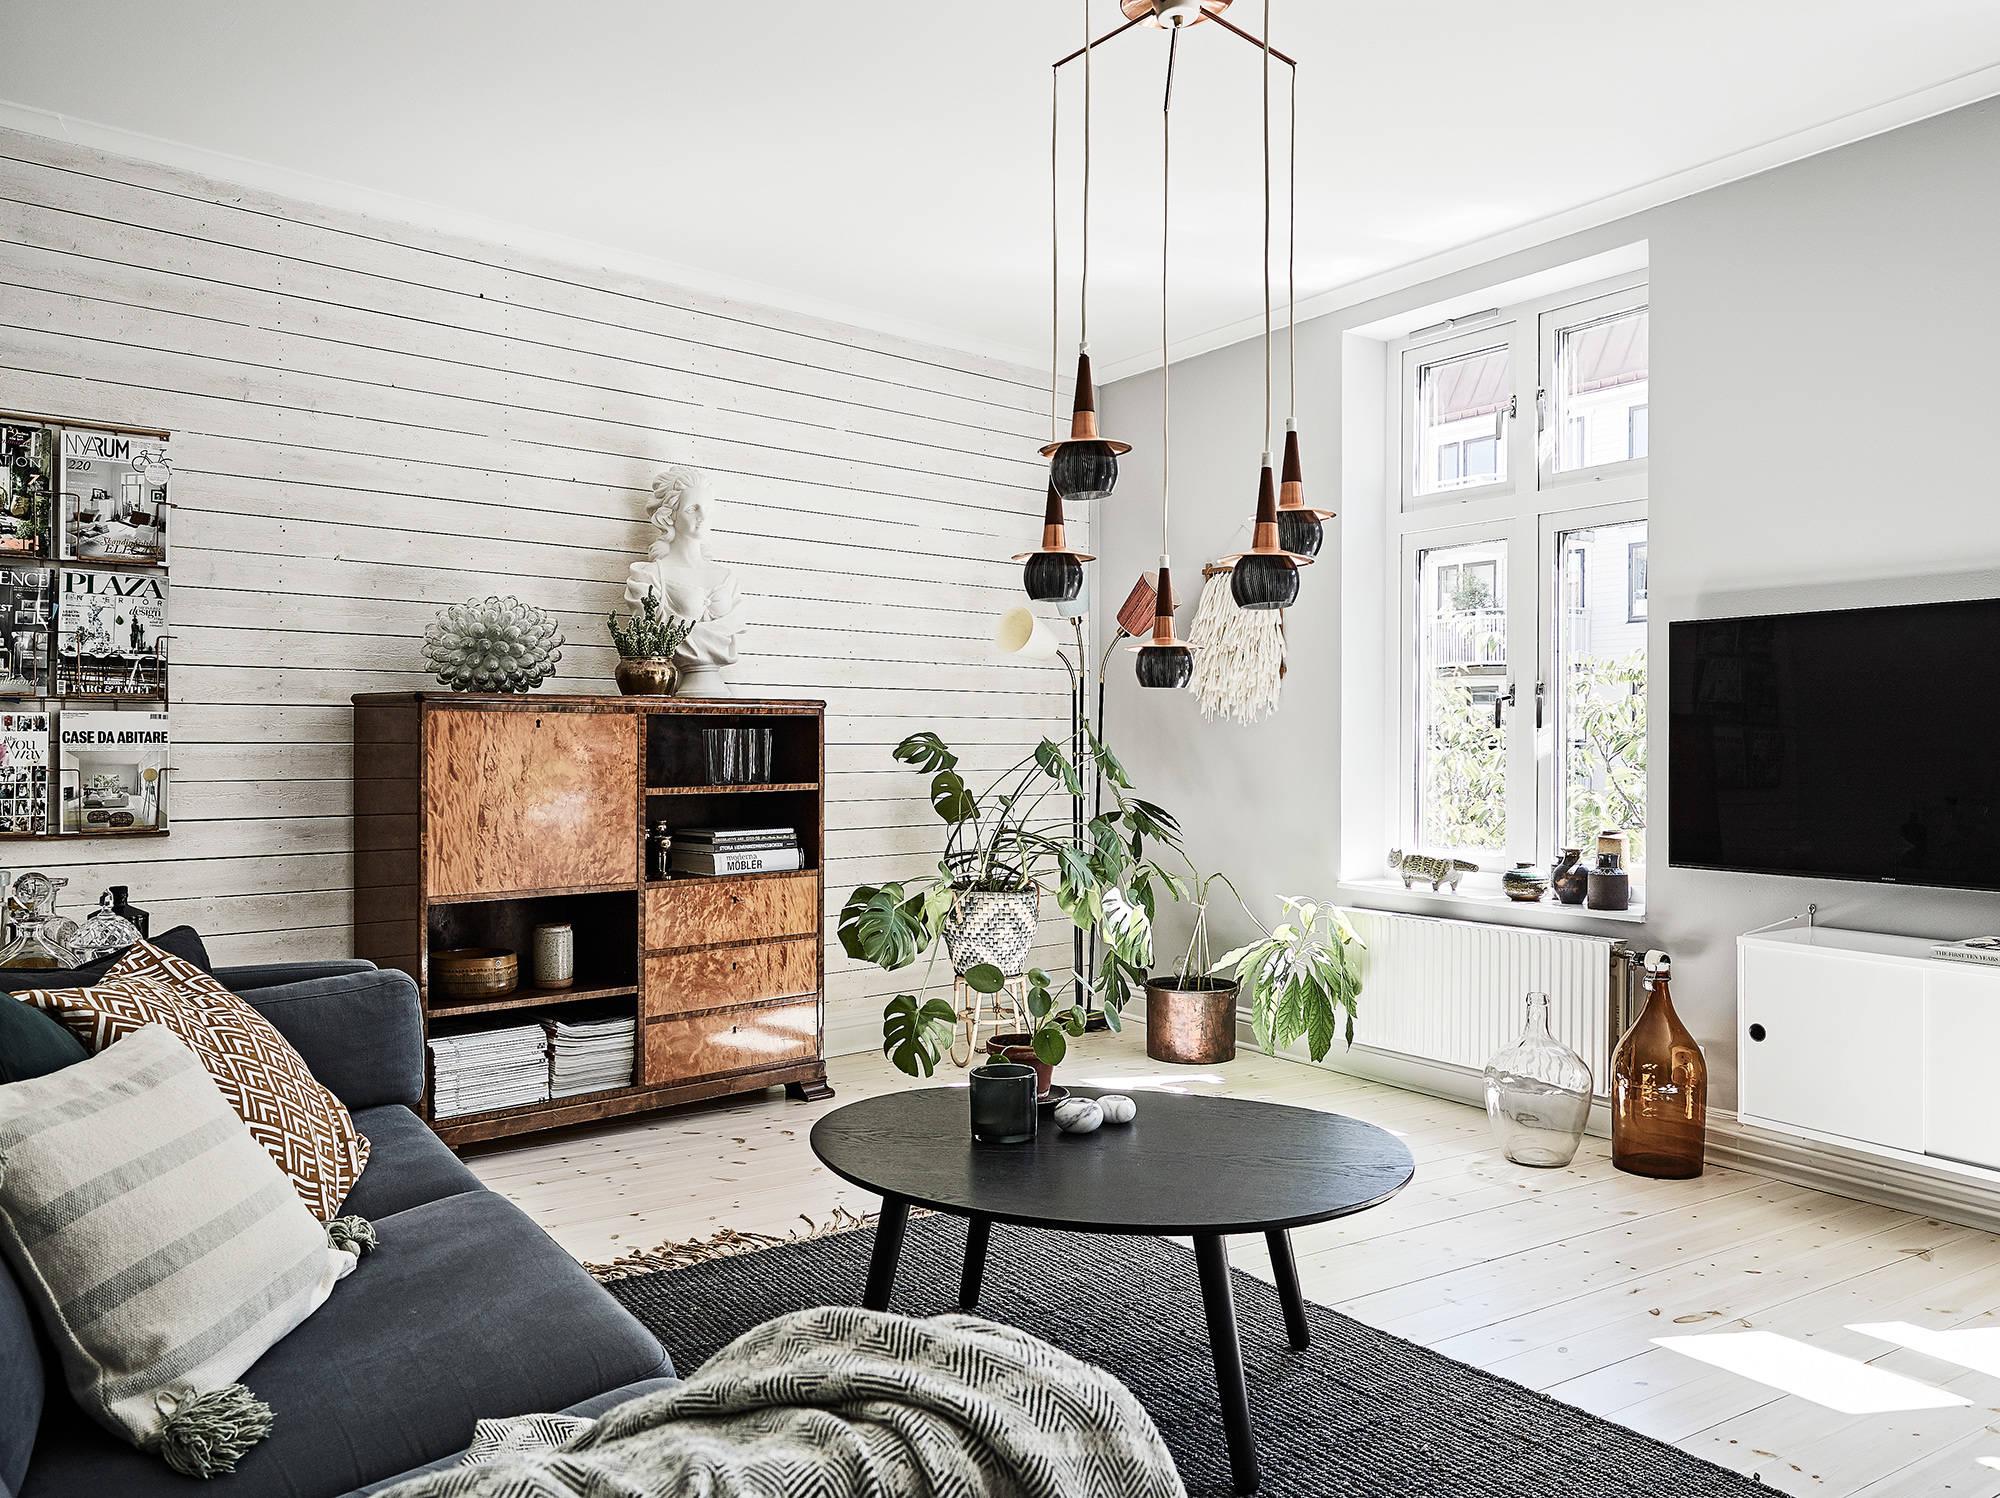 Paredes con paneles de madera blog tienda decoraci n estilo n rdico delikatissen - Paneles de madera para paredes interiores ...